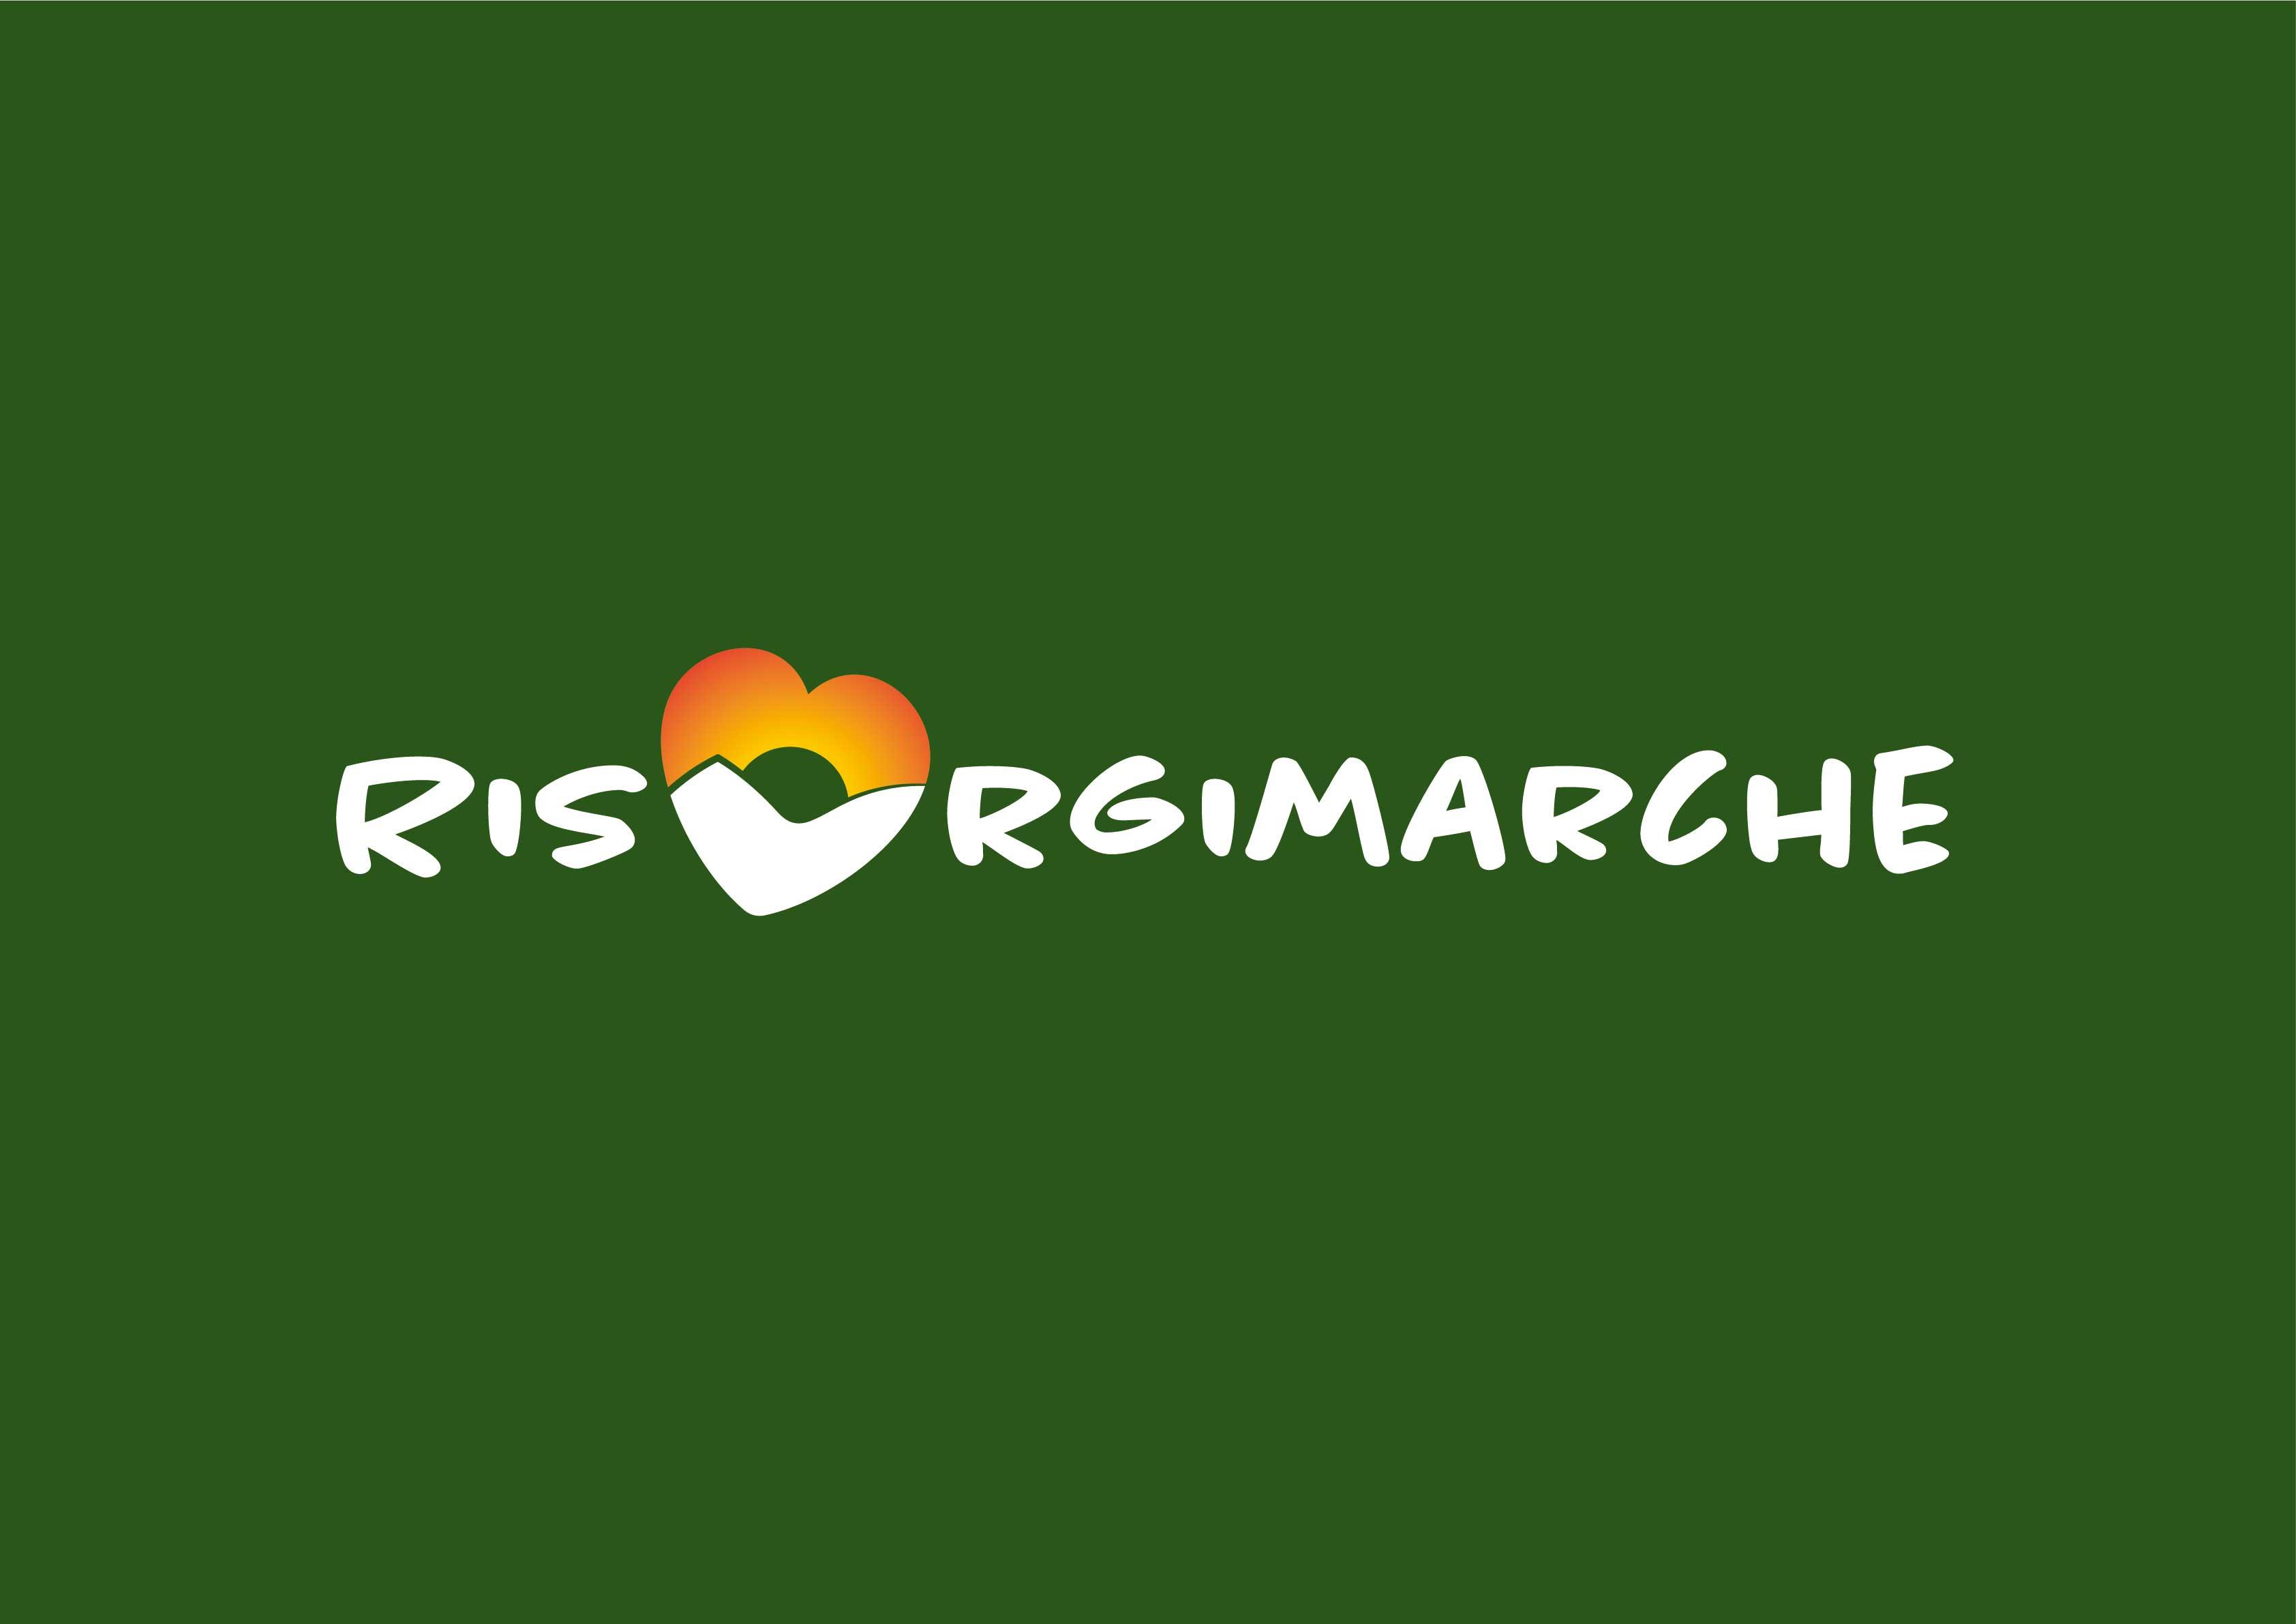 Risorgimarche 2020 Calendario.Il Programma Completo Di Risorgimarche 2019 Mg Marcheguida